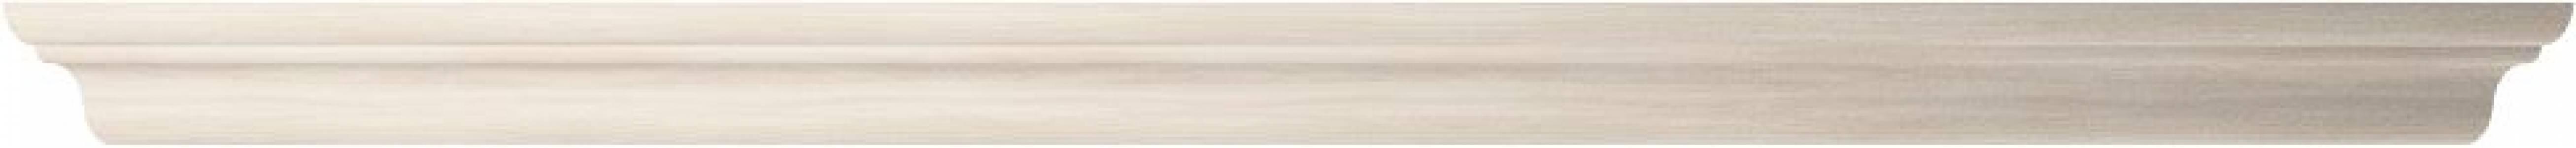 Брайтон №1/К1 комплект декоративных элементов (01,03,05,06,04,02)